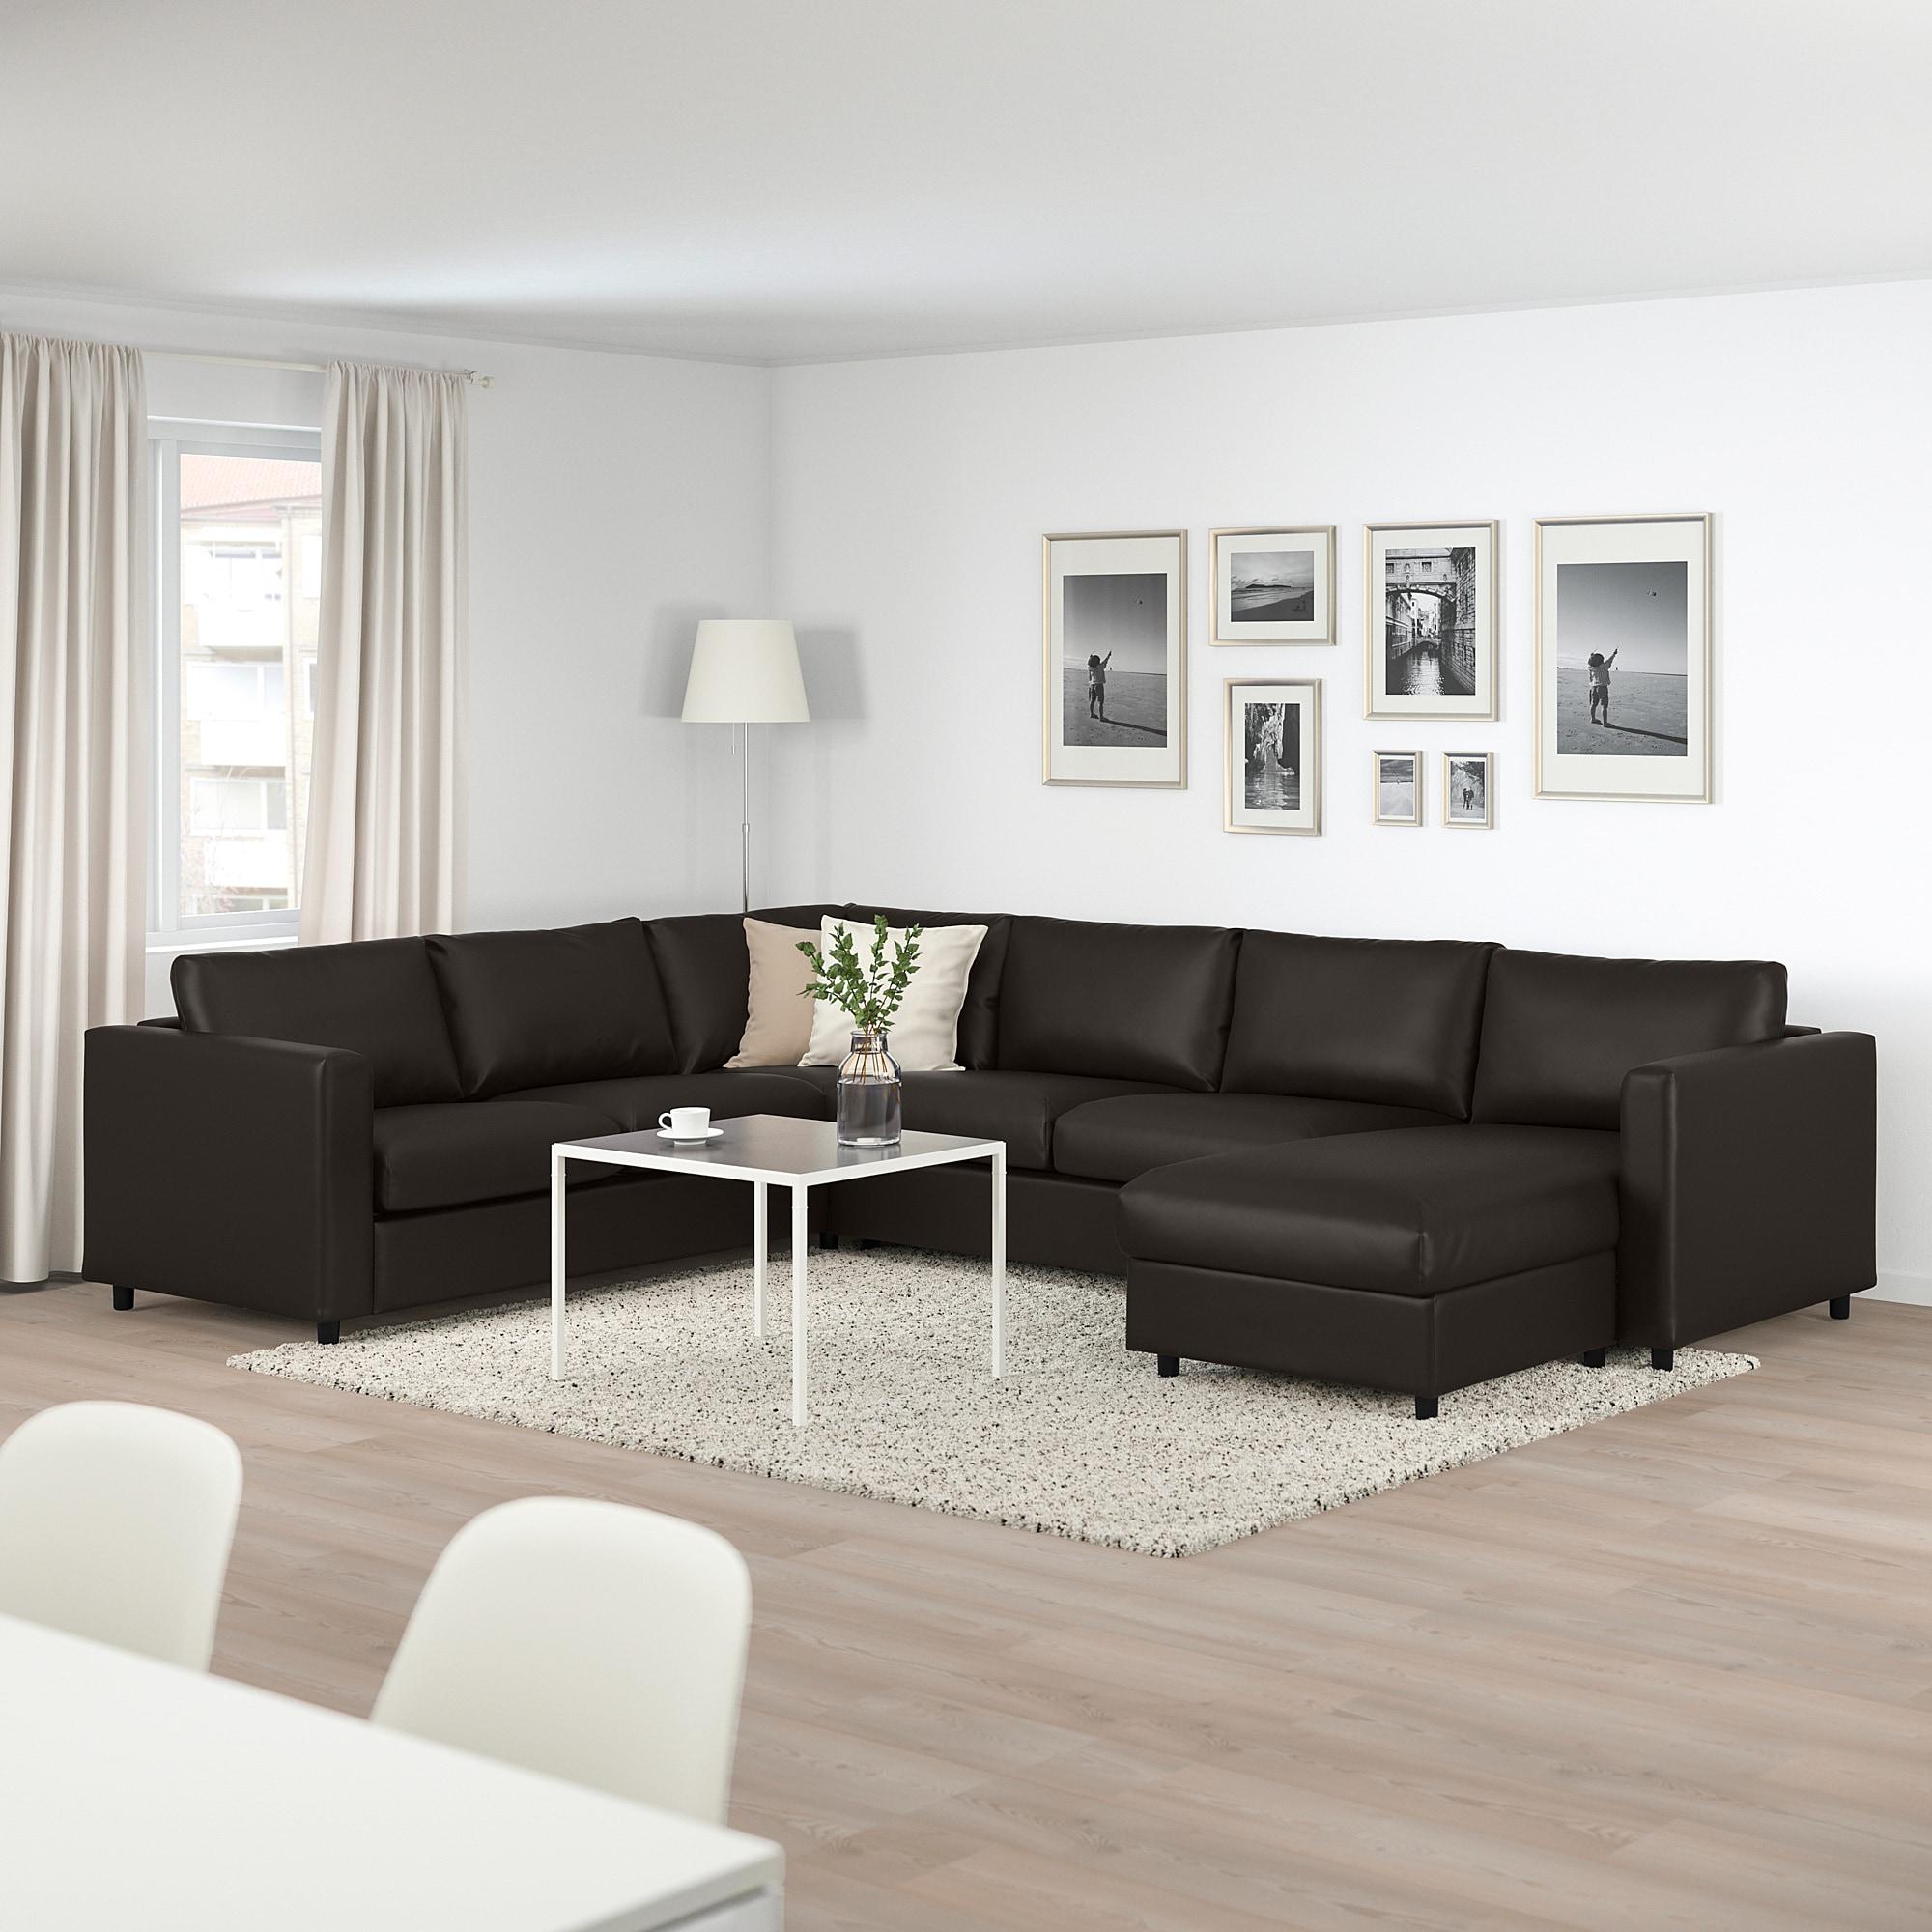 Vimle 5er Eckbettsofa Mit Recamiere Farsta Schwarz Ikea Osterreich Corner Sofa Living Room Corner Sofa Bed Living Room Sofa Design